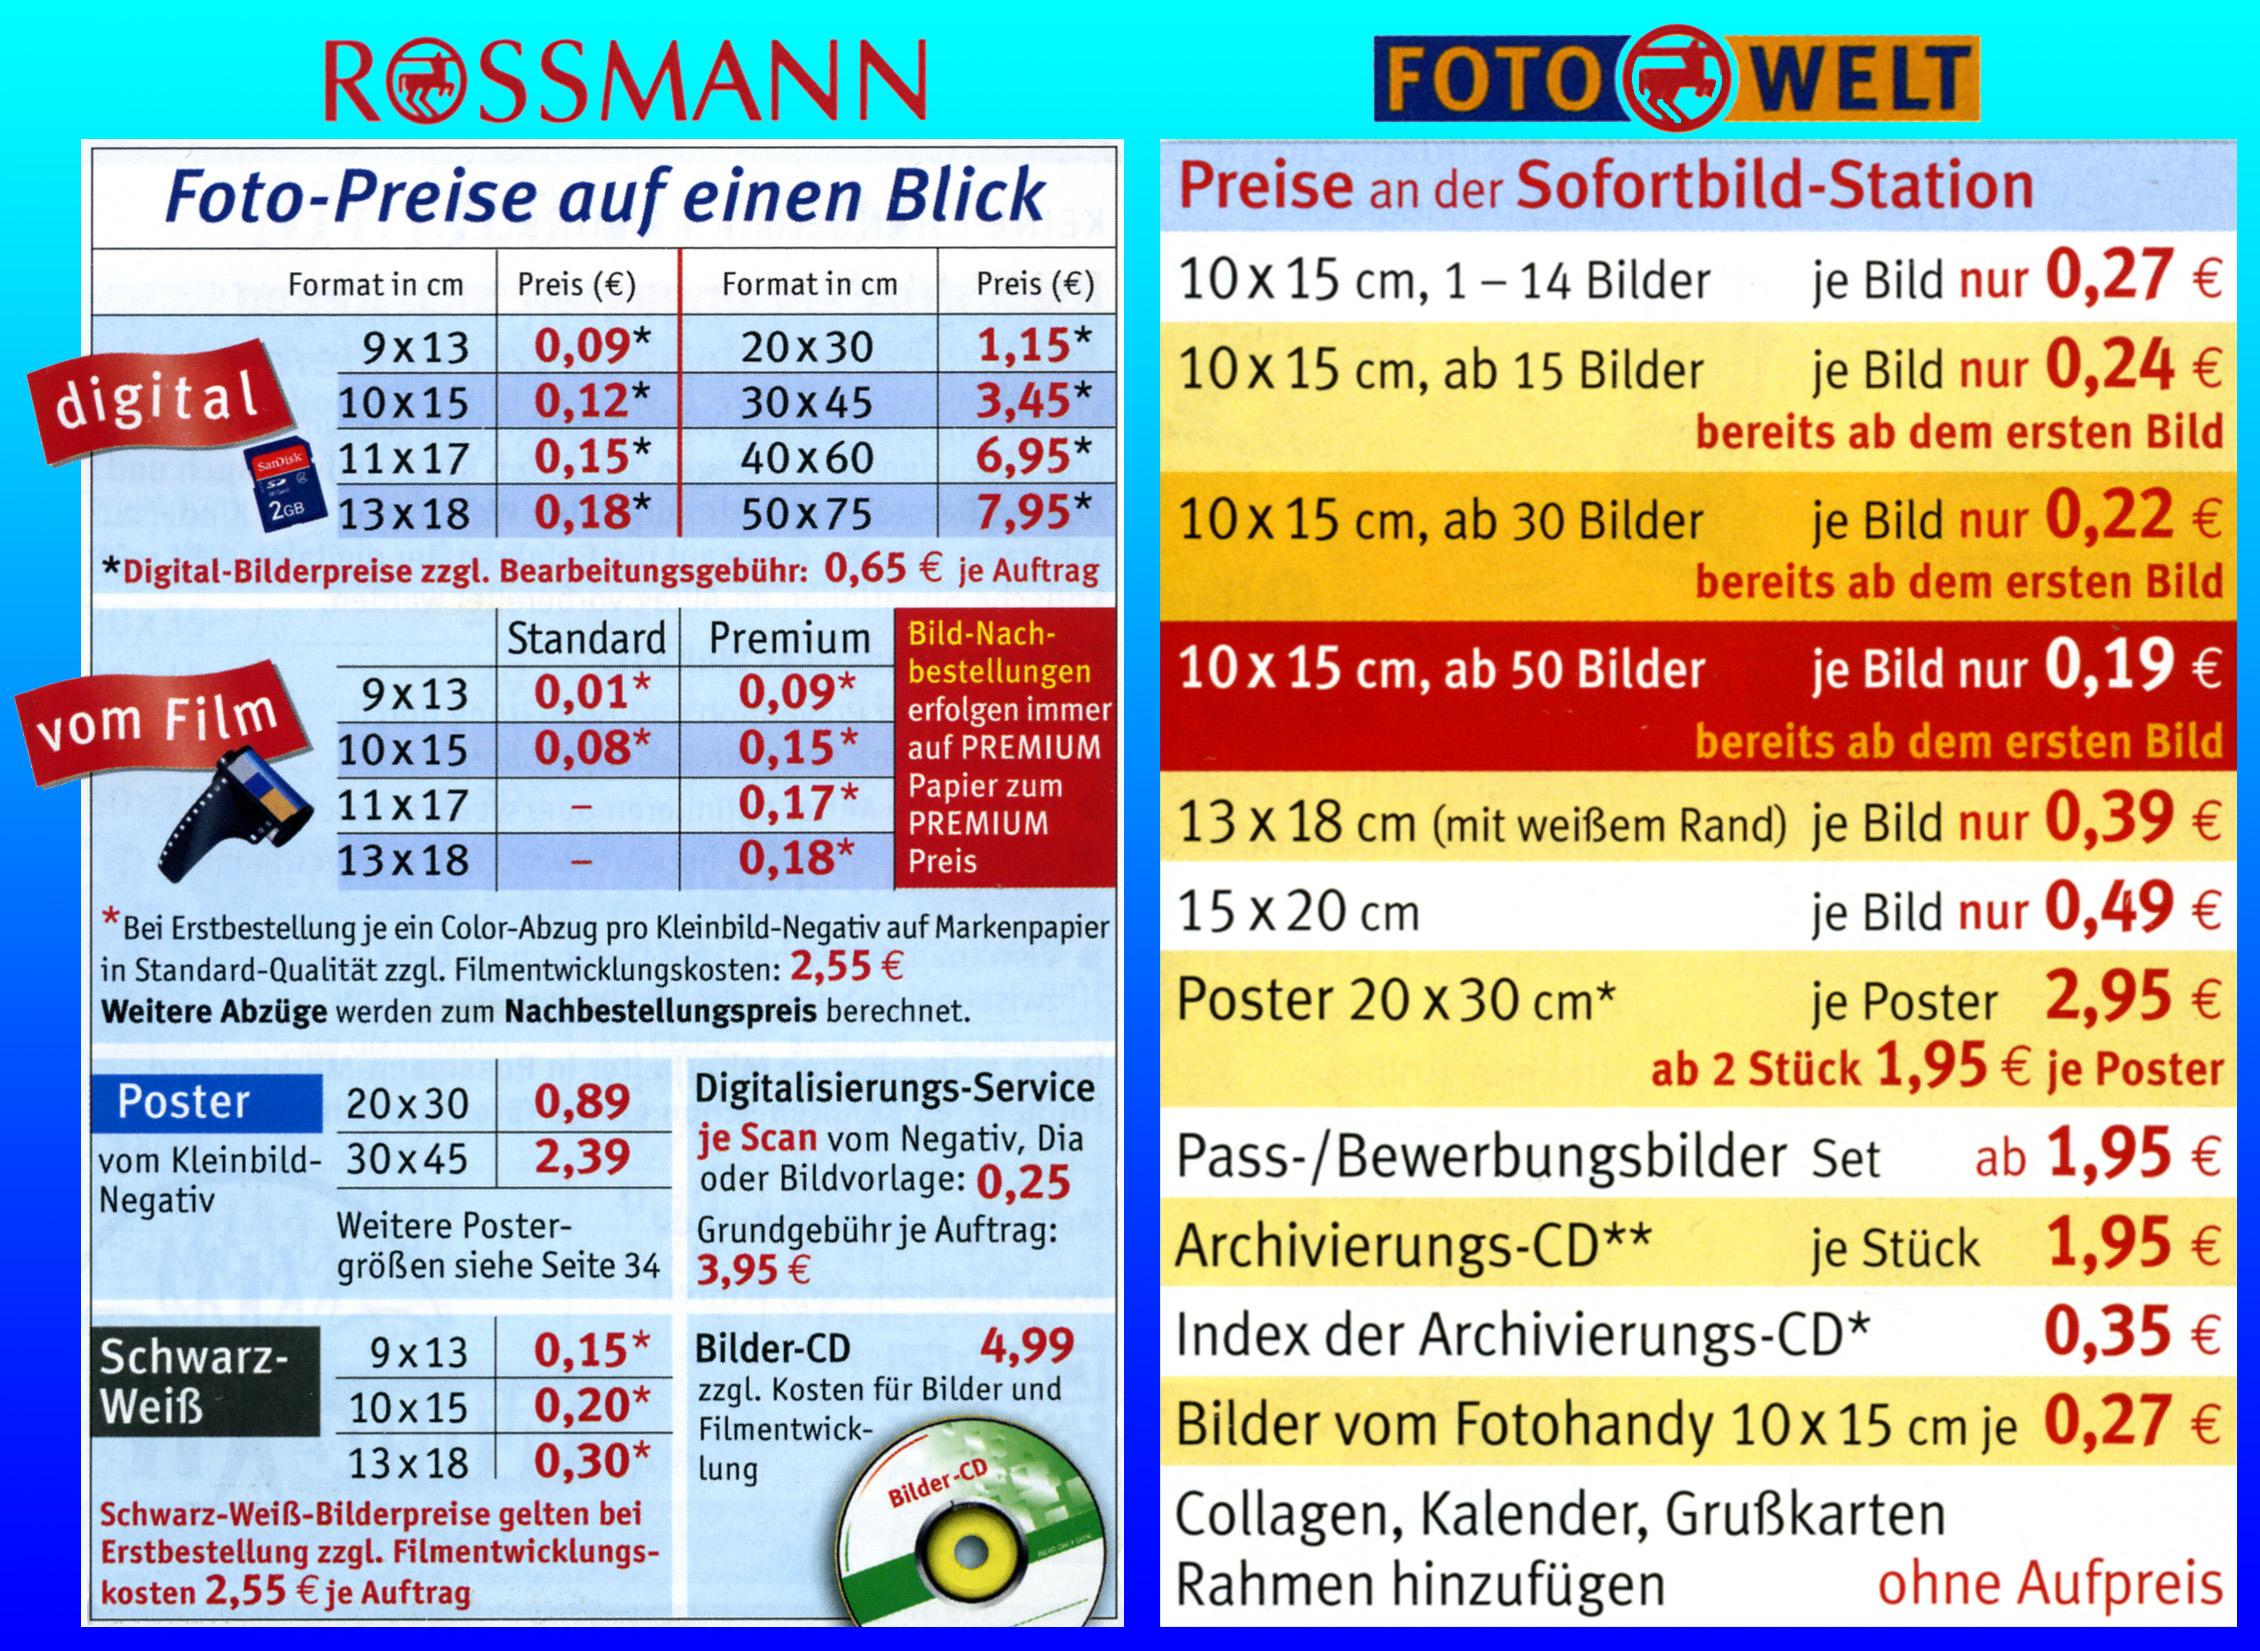 Fotos Ausdrucken Rossmann Formate   calendrier